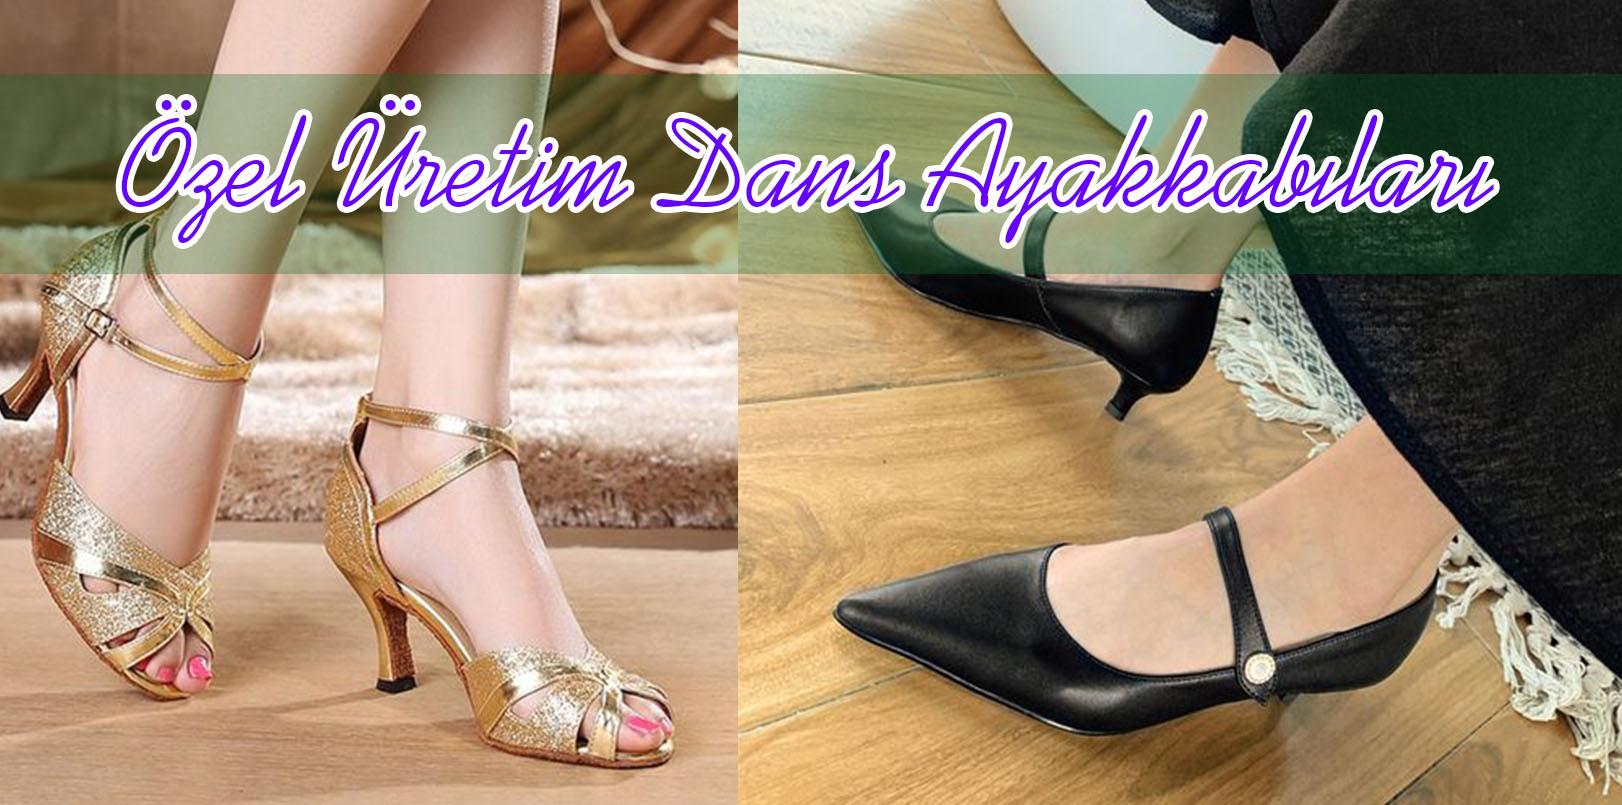 Özel Üretim Dans Ayakkabı Siparişi